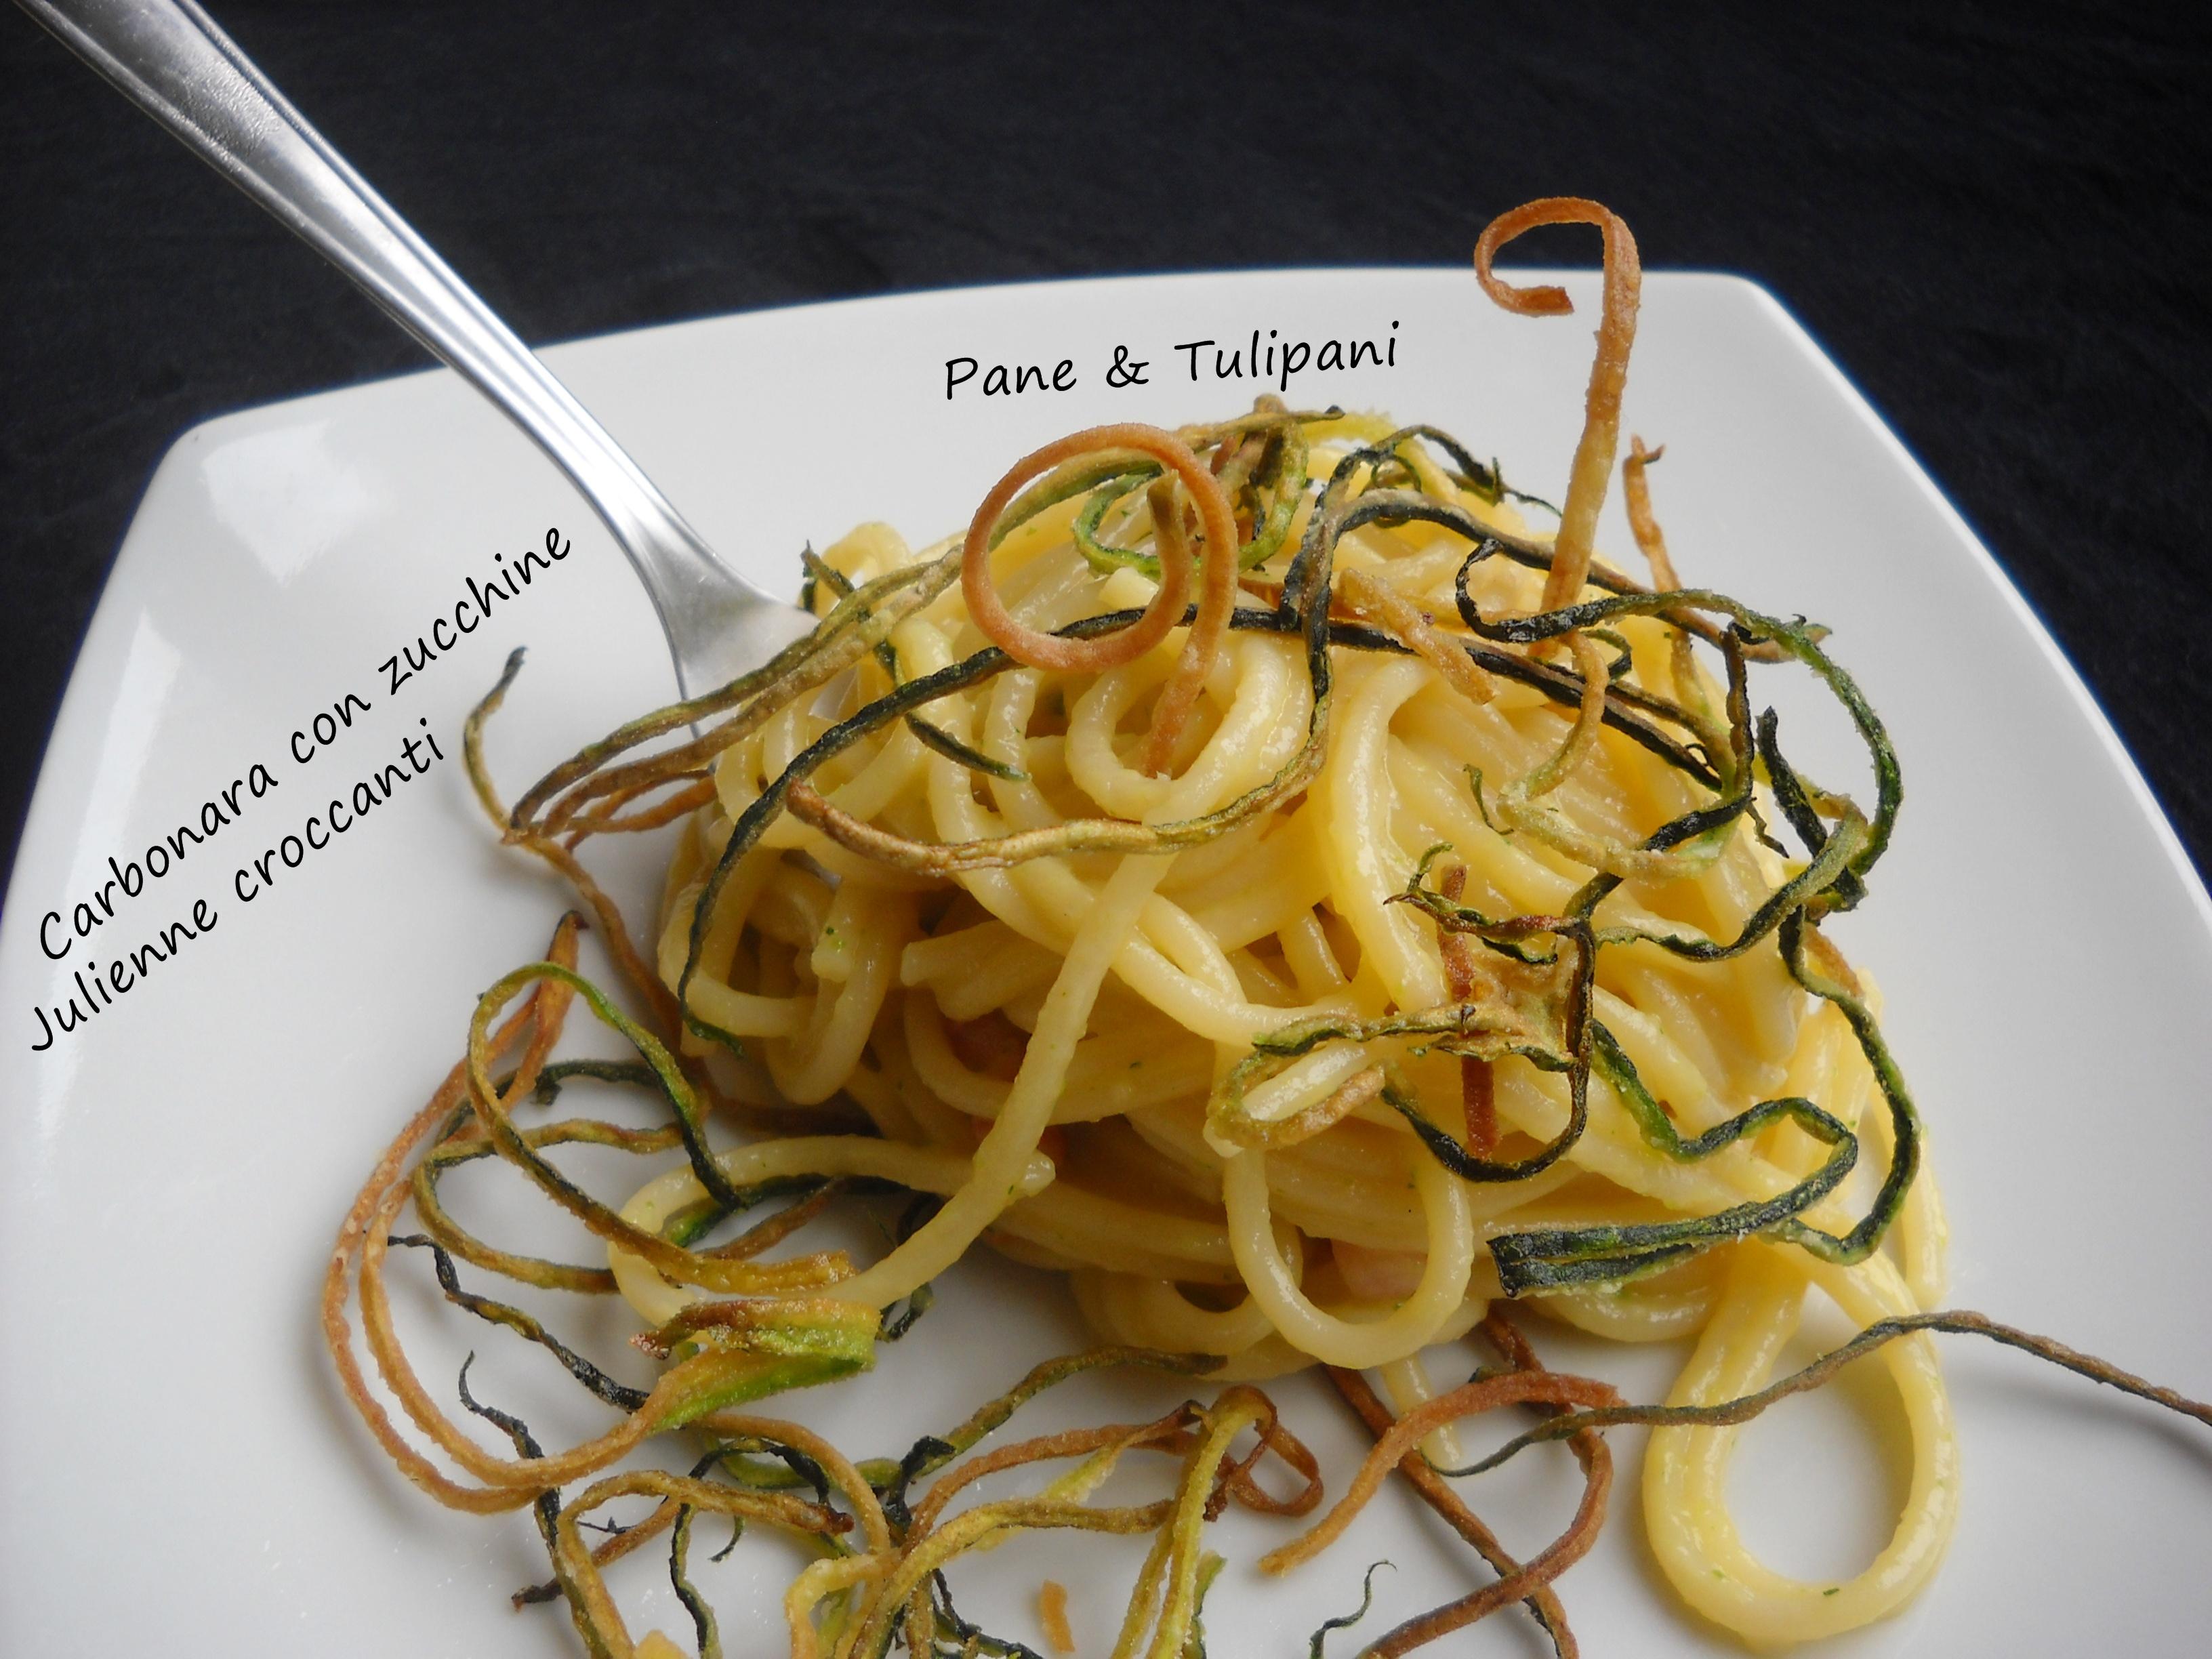 Carbonara con zucchine julienne croccanti pane tulipani - Taglio alla julienne ...